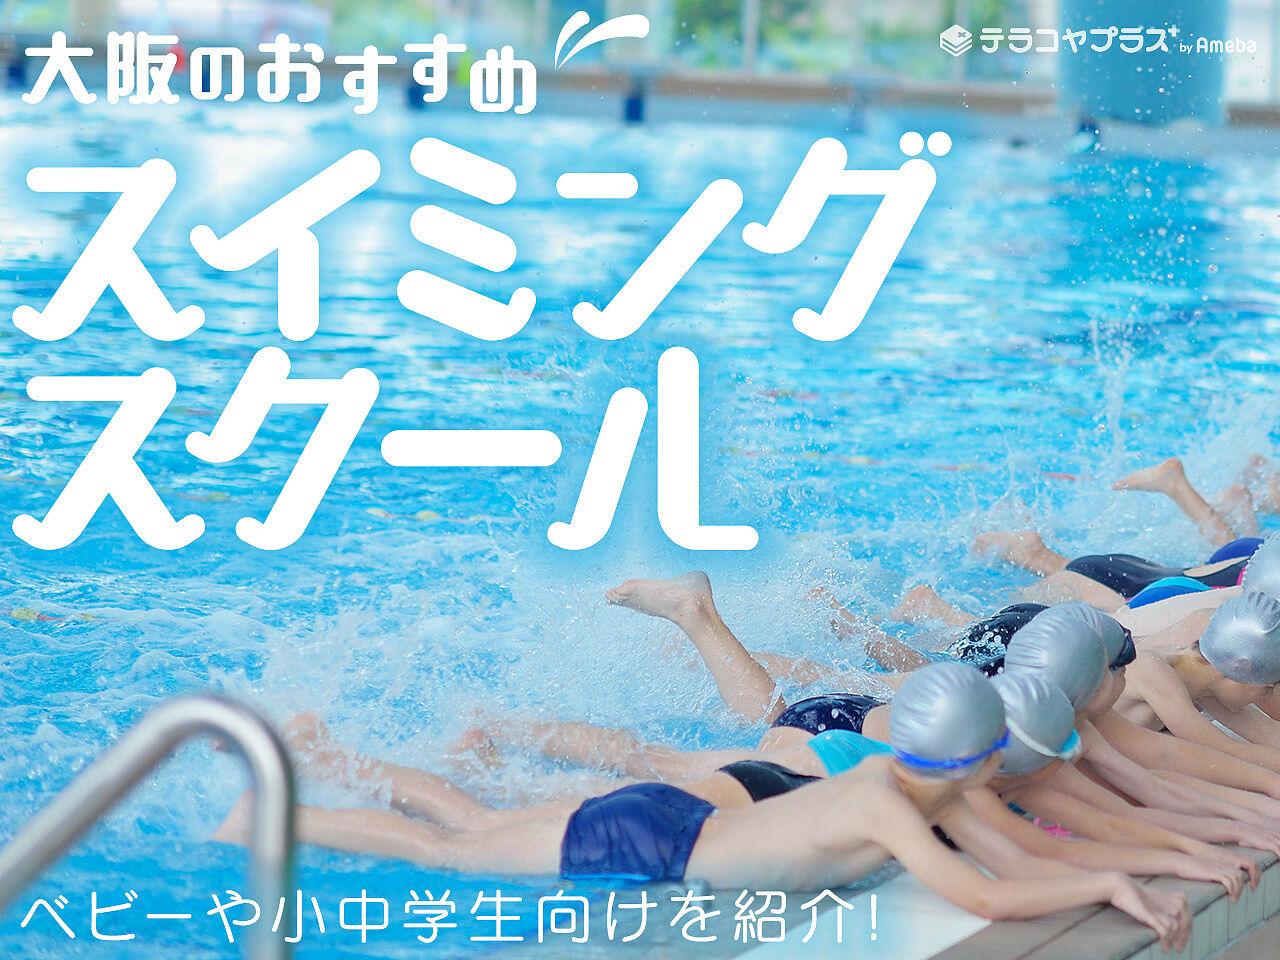 大阪のスイミングスクールおすすめ20選【2021年】ベビー&キッズ・小中学生向けを紹介!の画像